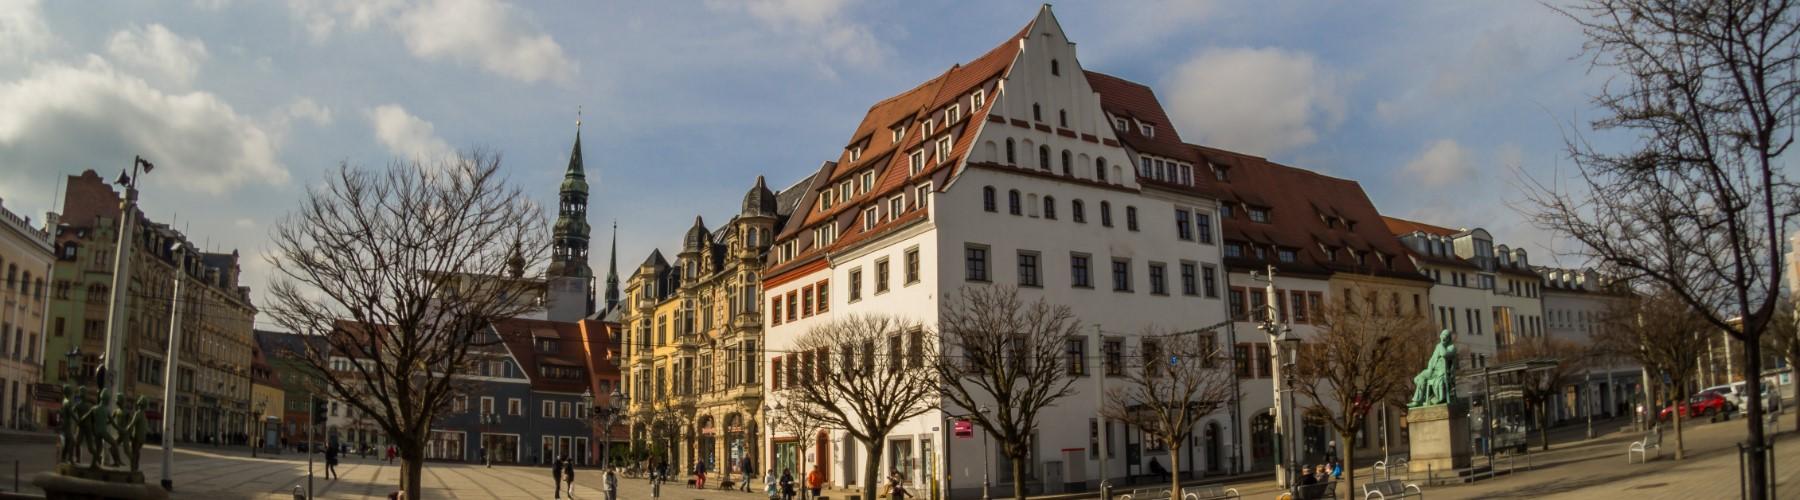 Header_Standort_Zwickau